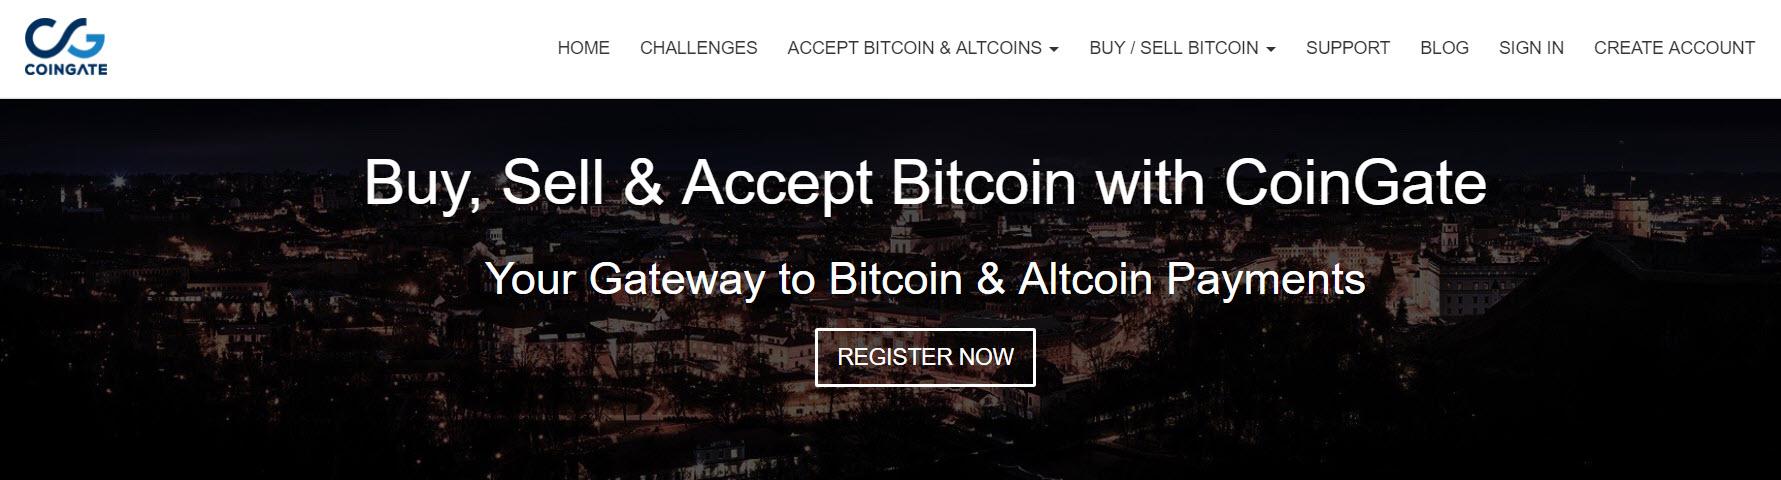 CoinGate - درگاه پرداخت با بیت کوین Bitcoin و ارزهای دیجیتال در وردپرس